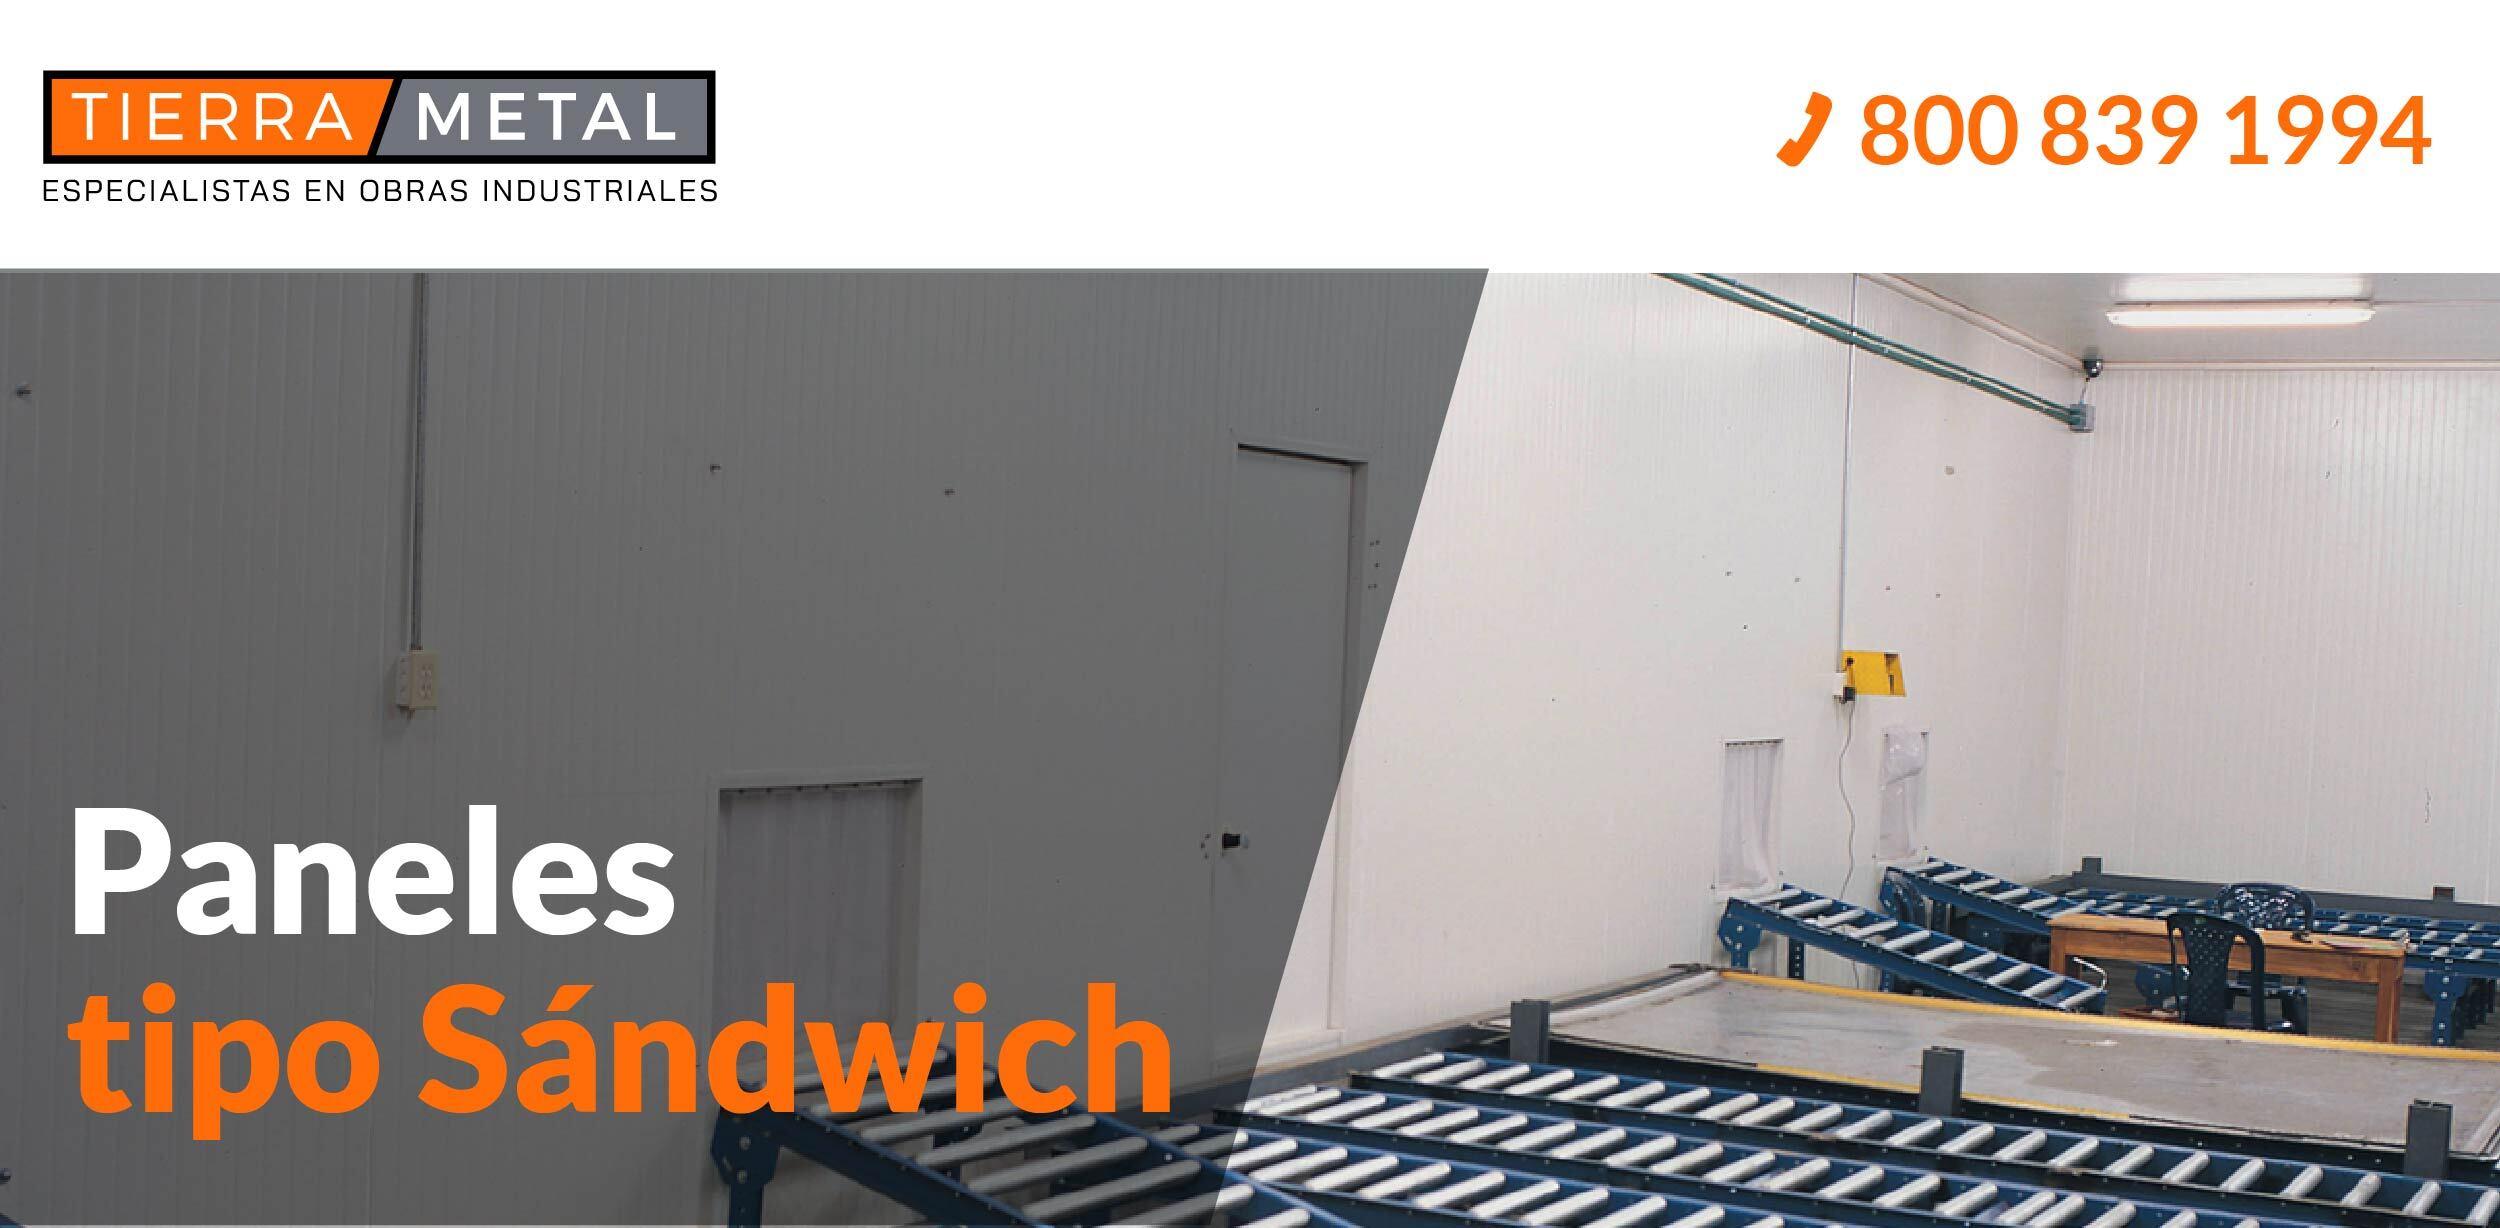 tierra-y-metal-paneles-sandwich